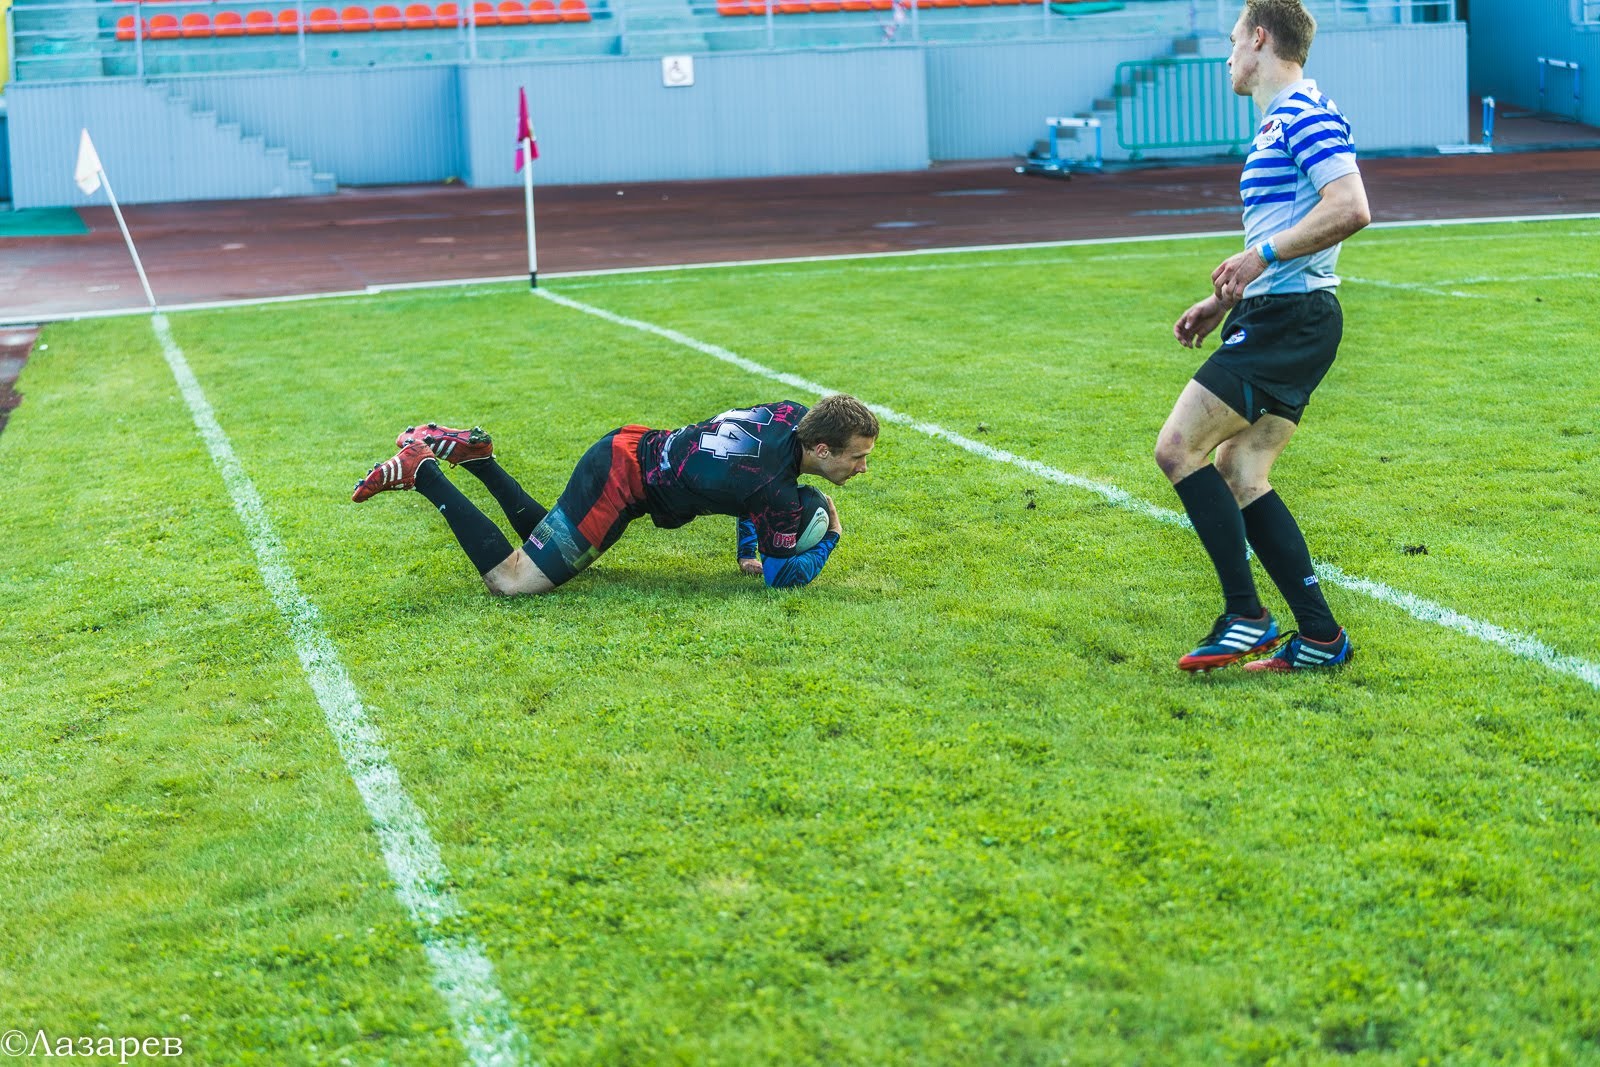 Финала Кубка России по регби-7 в Пензе 17.06.2017 (день первый)